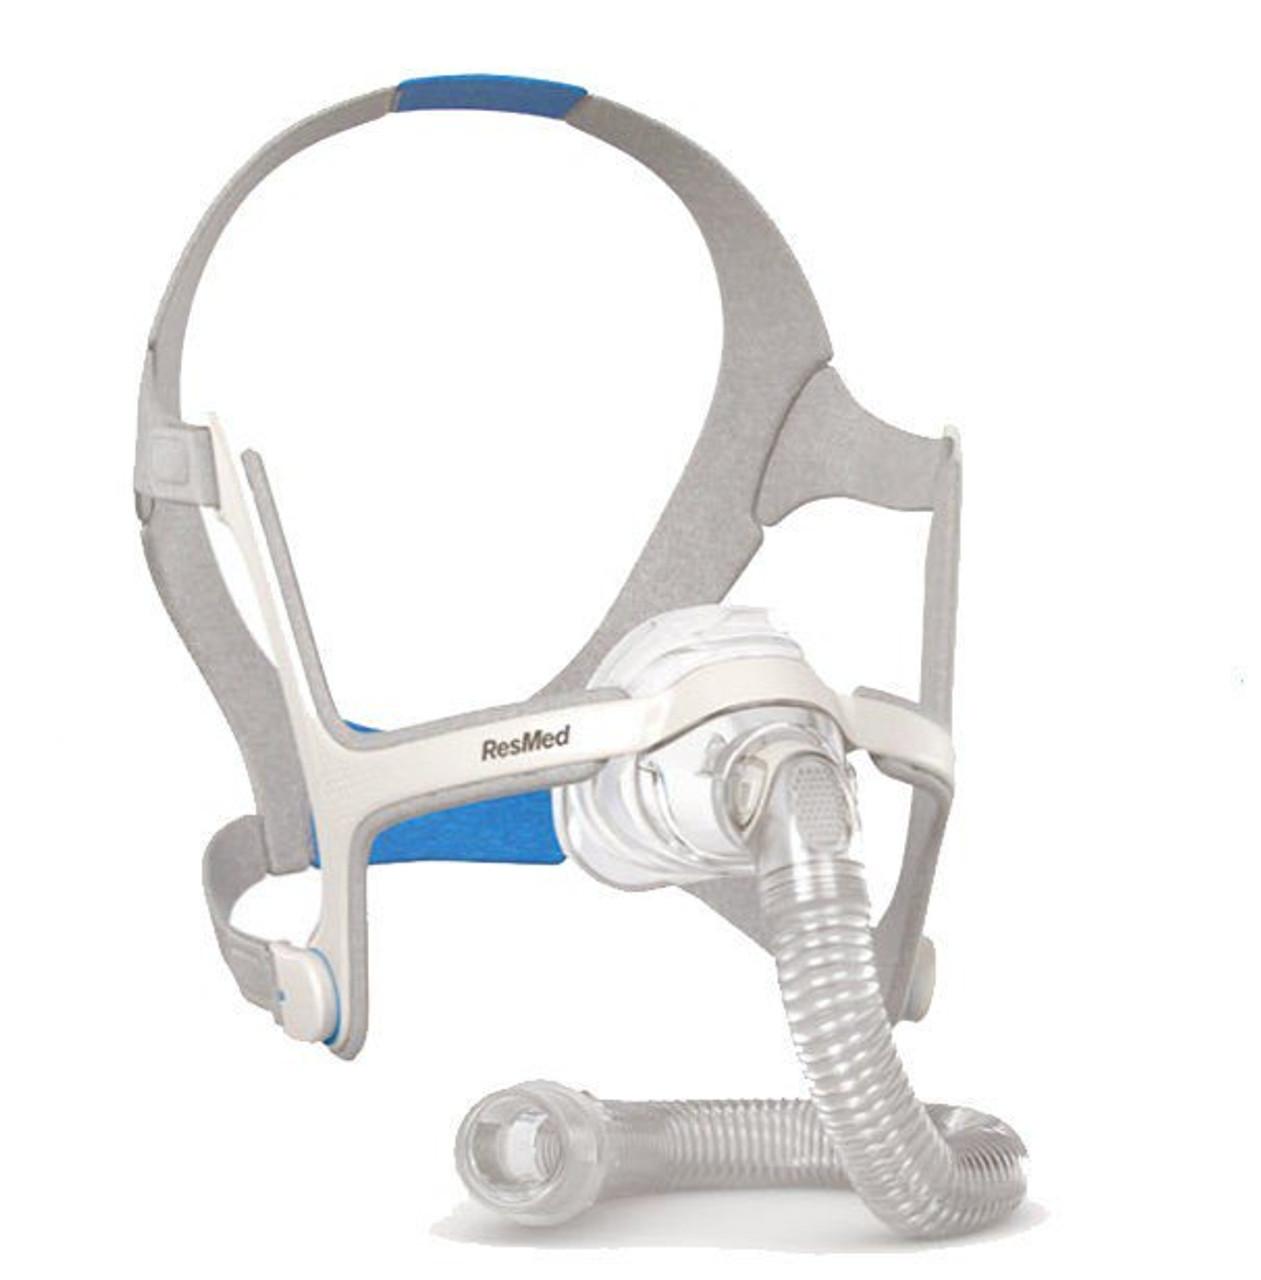 Buy ResMed AirFit N20 Nasal Mask Online